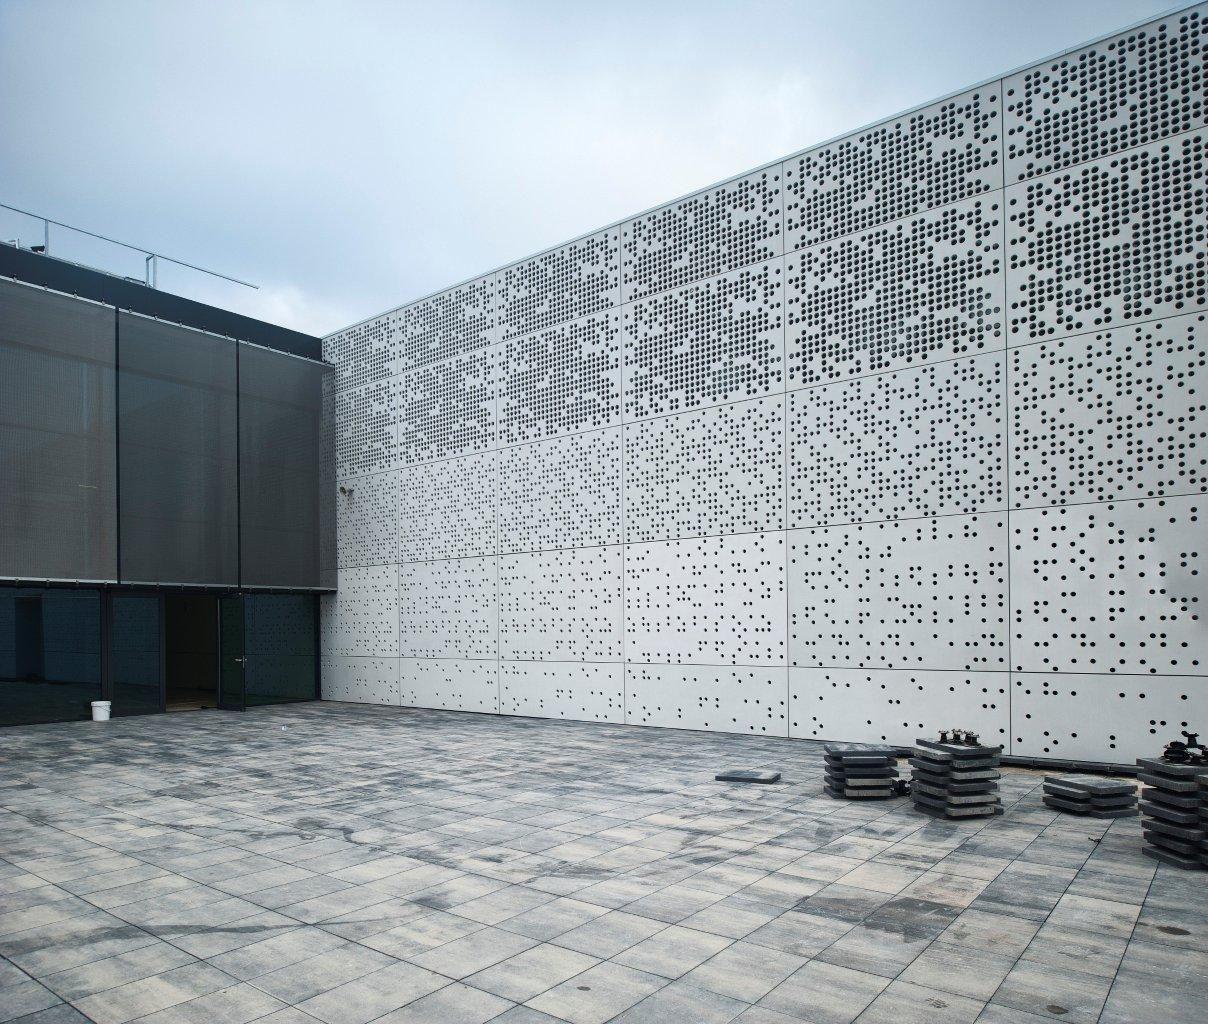 Revestimiento de fachada de hormig n perforado de - Revestimientos de fachadas ...